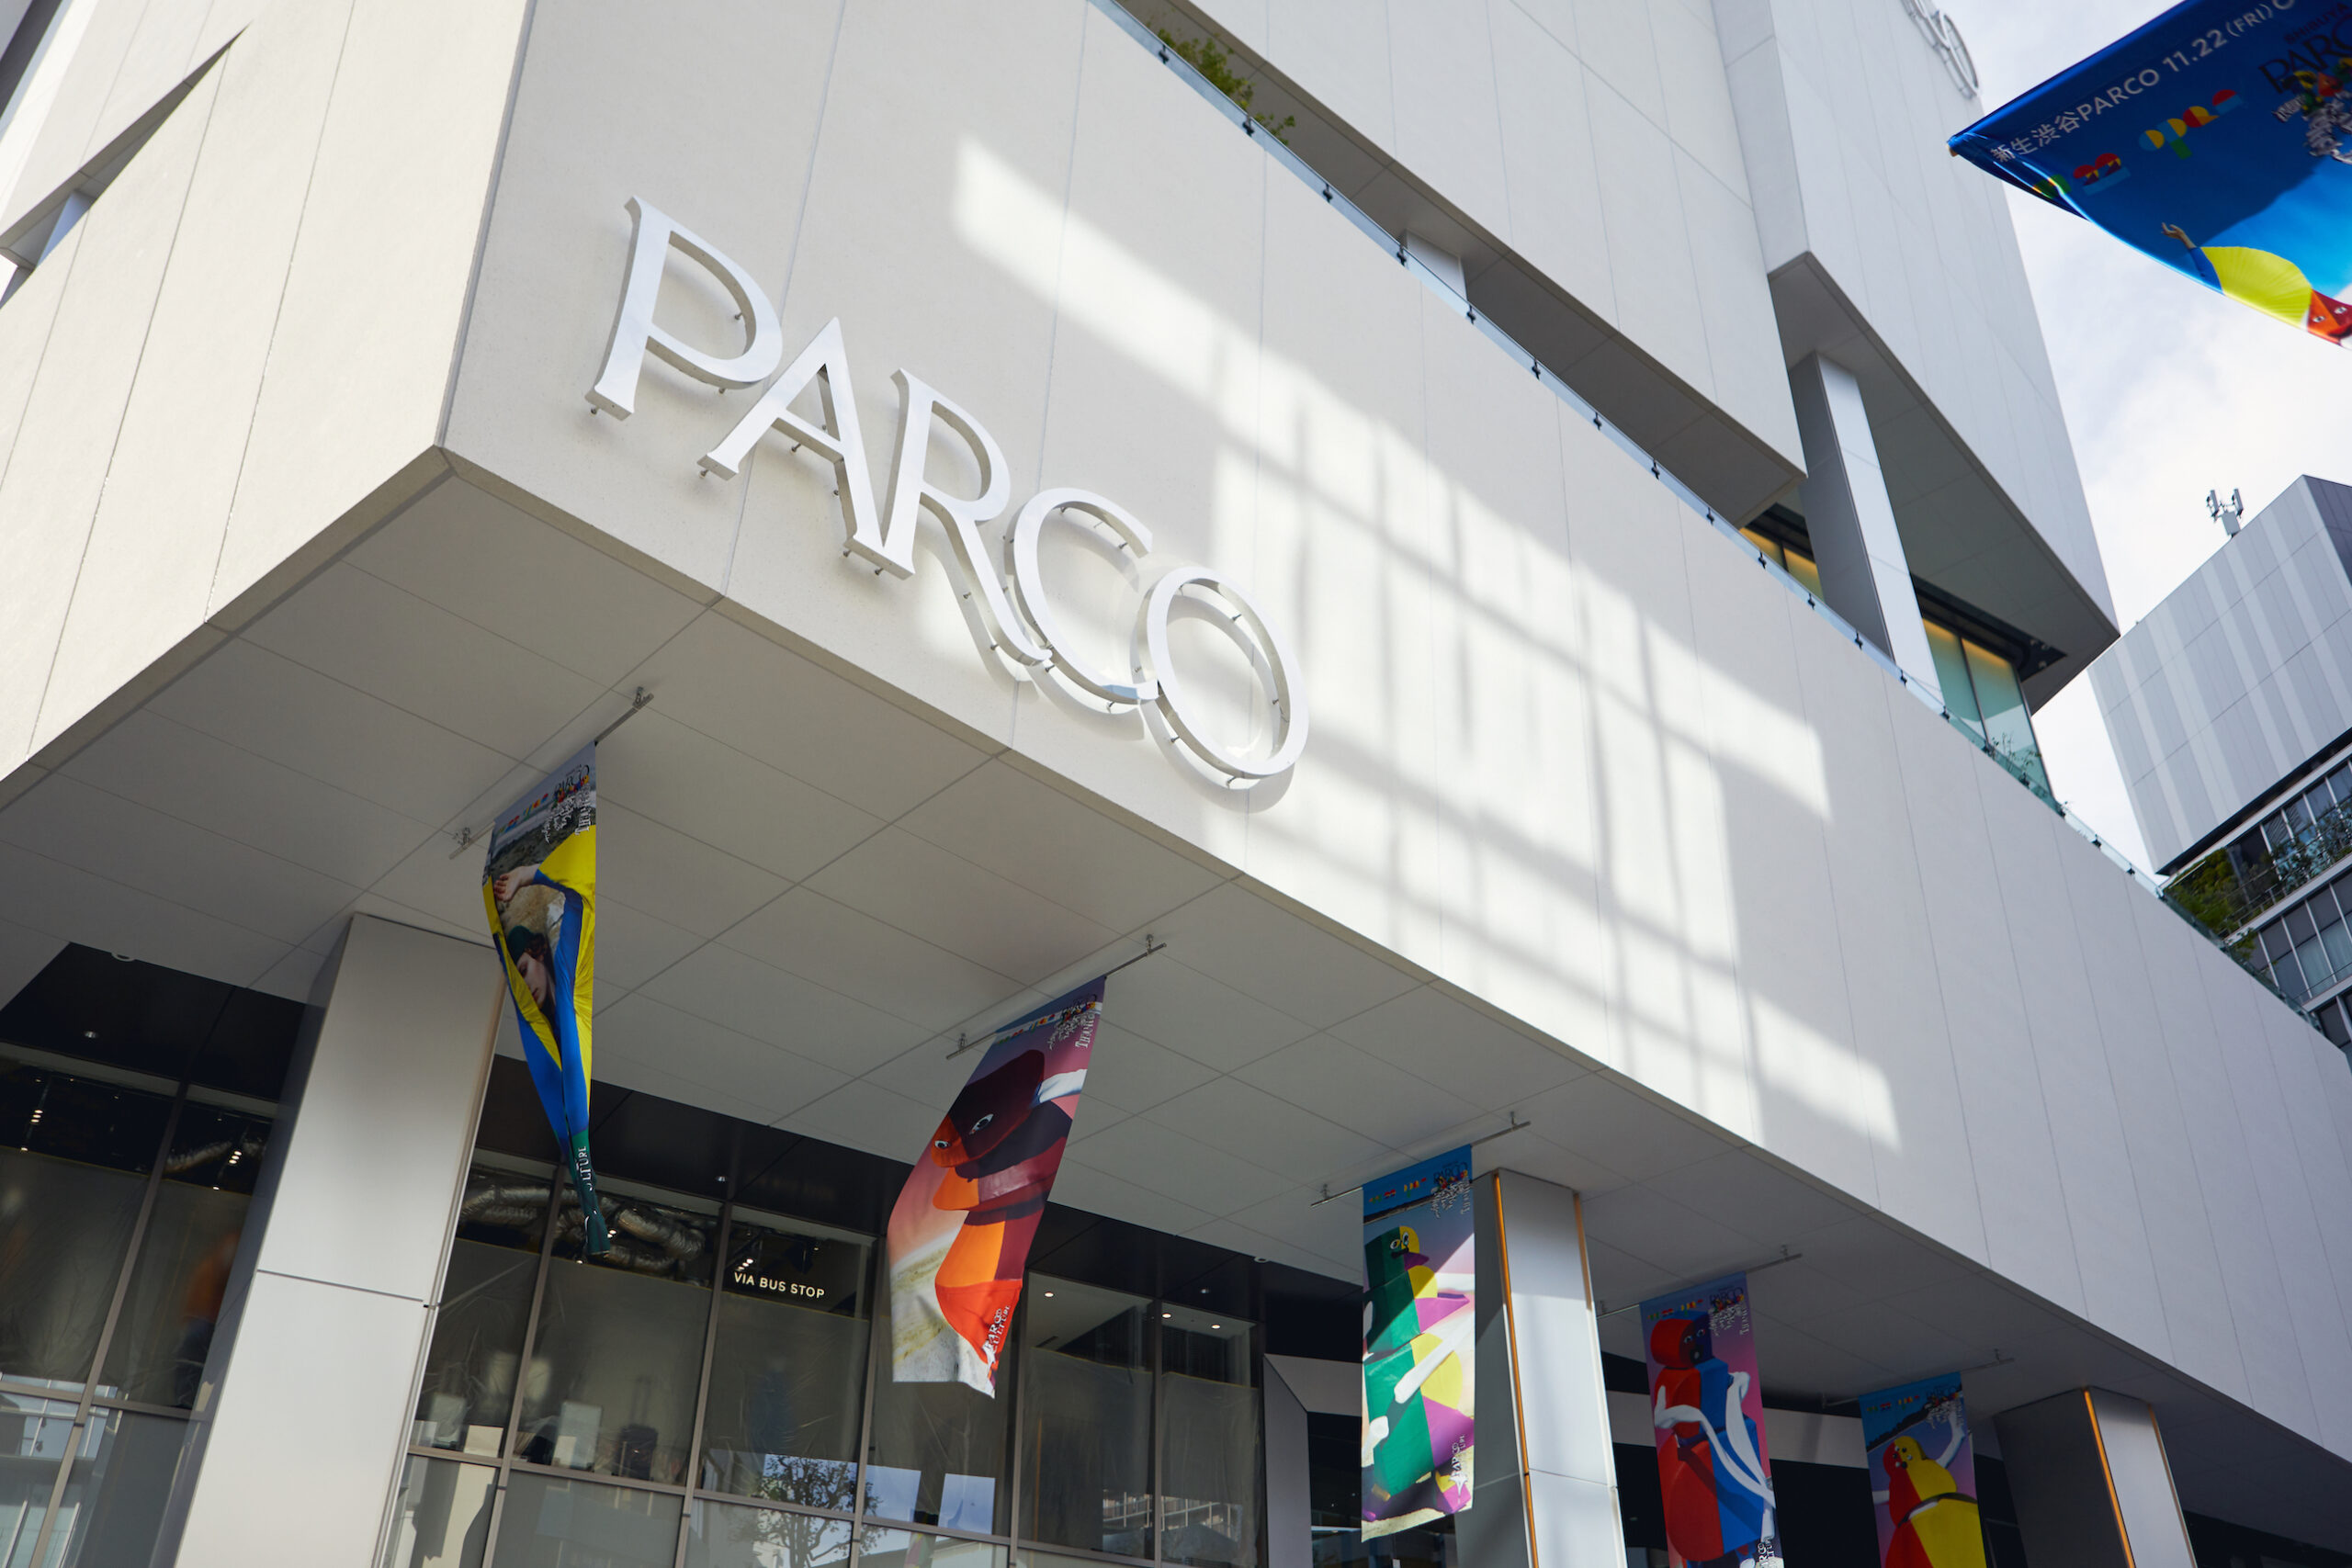 渋谷PARCOへ、ときめき探訪に